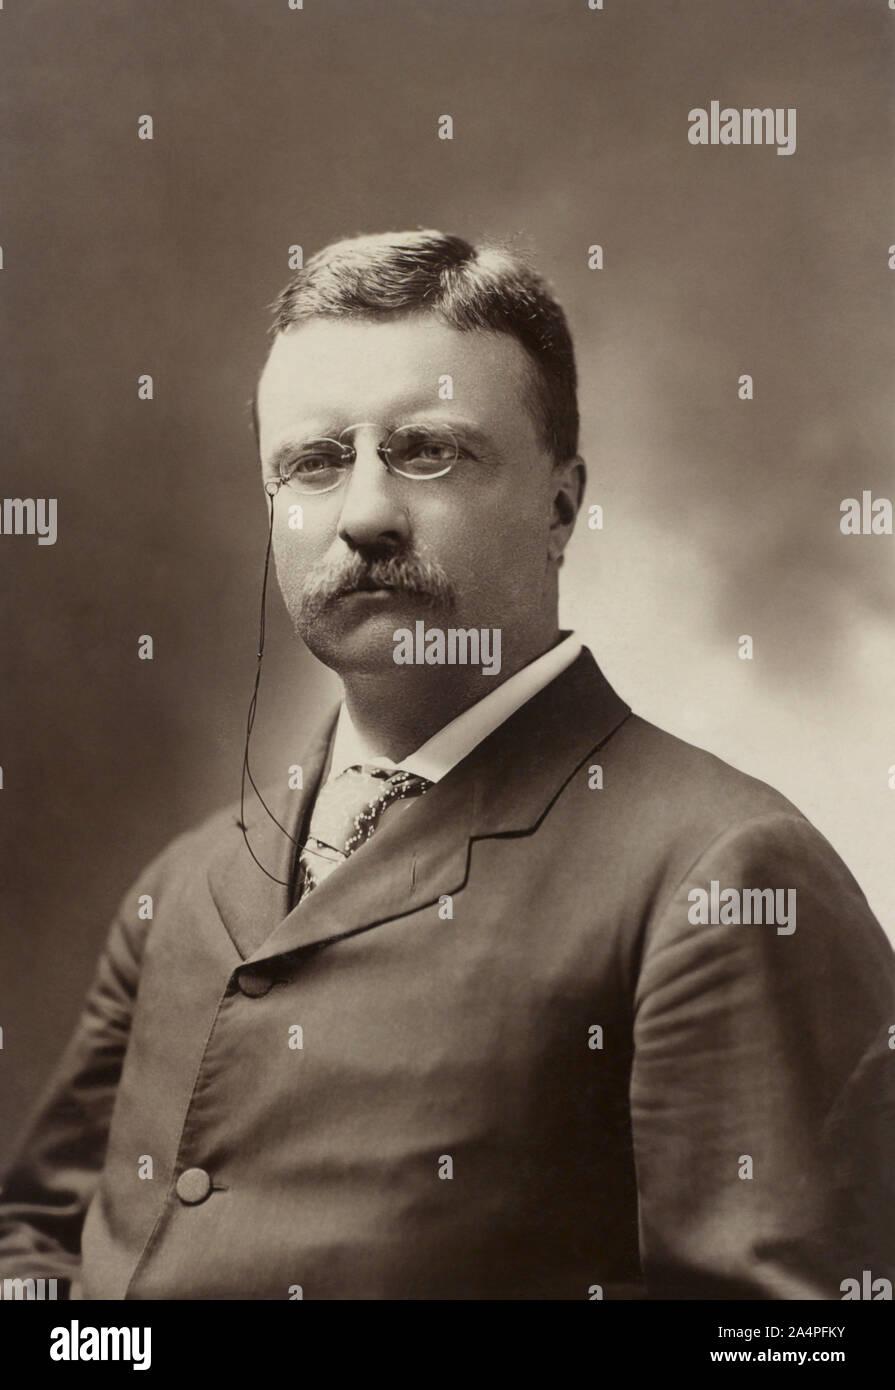 Theodore Roosevelt (1858-1919), 26º Presidente de los Estados Unidos, 1901-09 Half-Length retrato como gobernador de Nueva York, Fotografía por George Prince, julio de 1900 Foto de stock